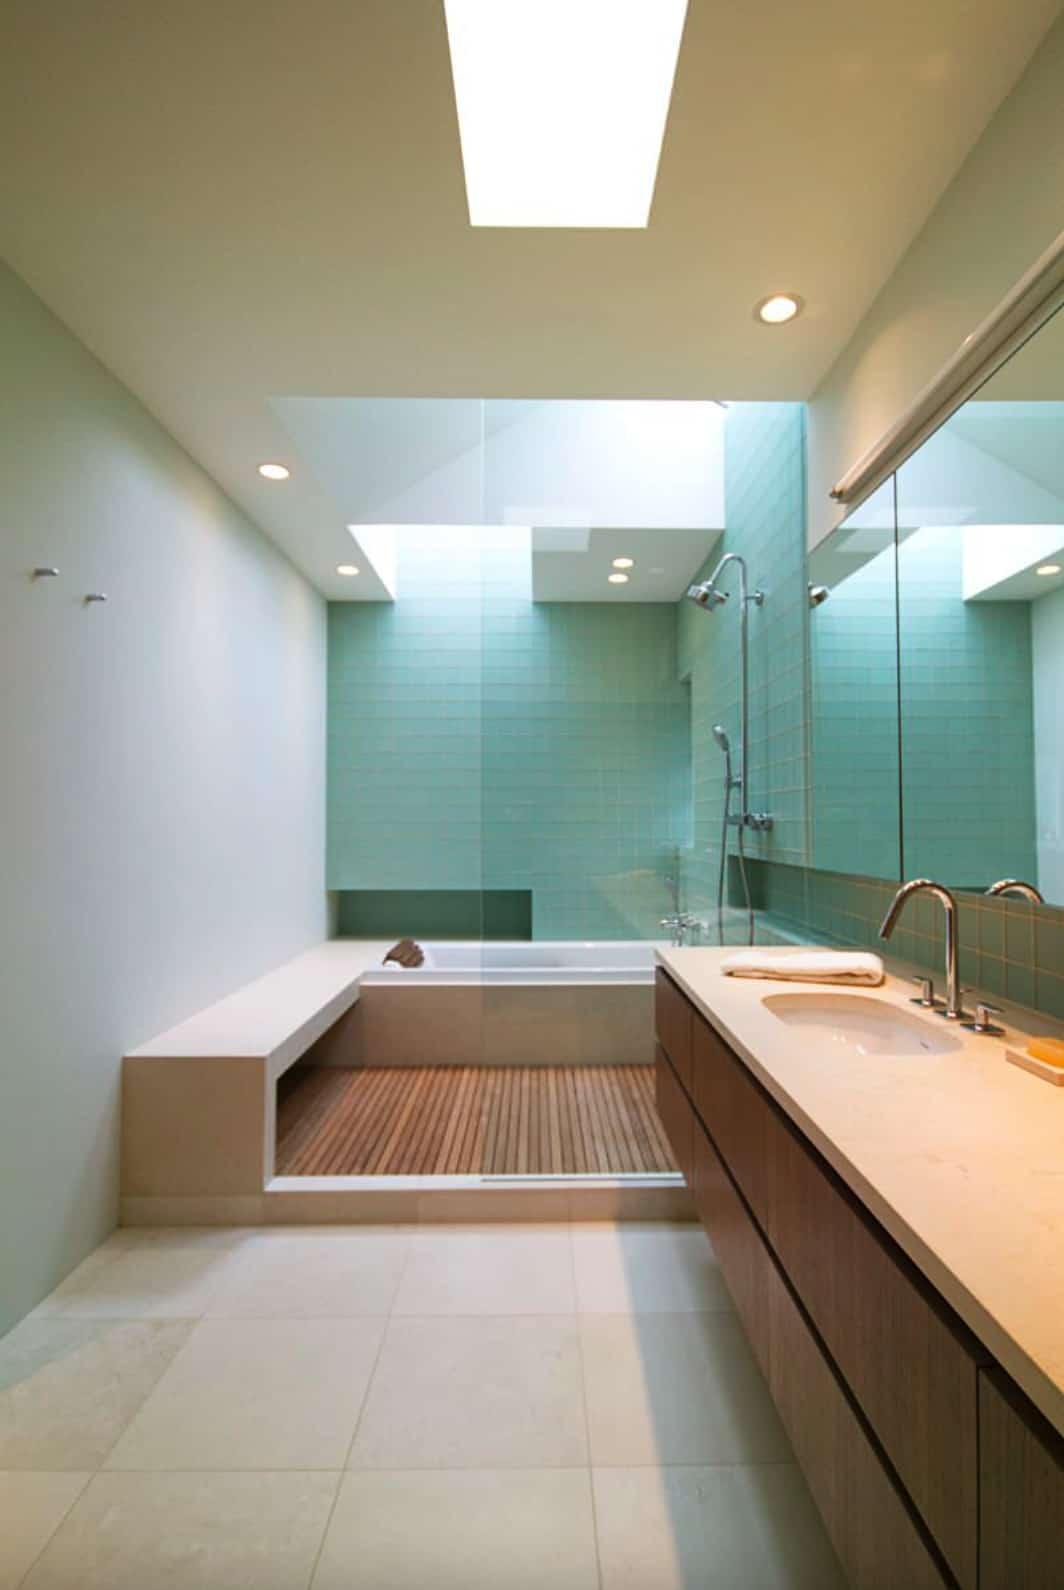 luxury-walk-in-shower-with-a-bathtub